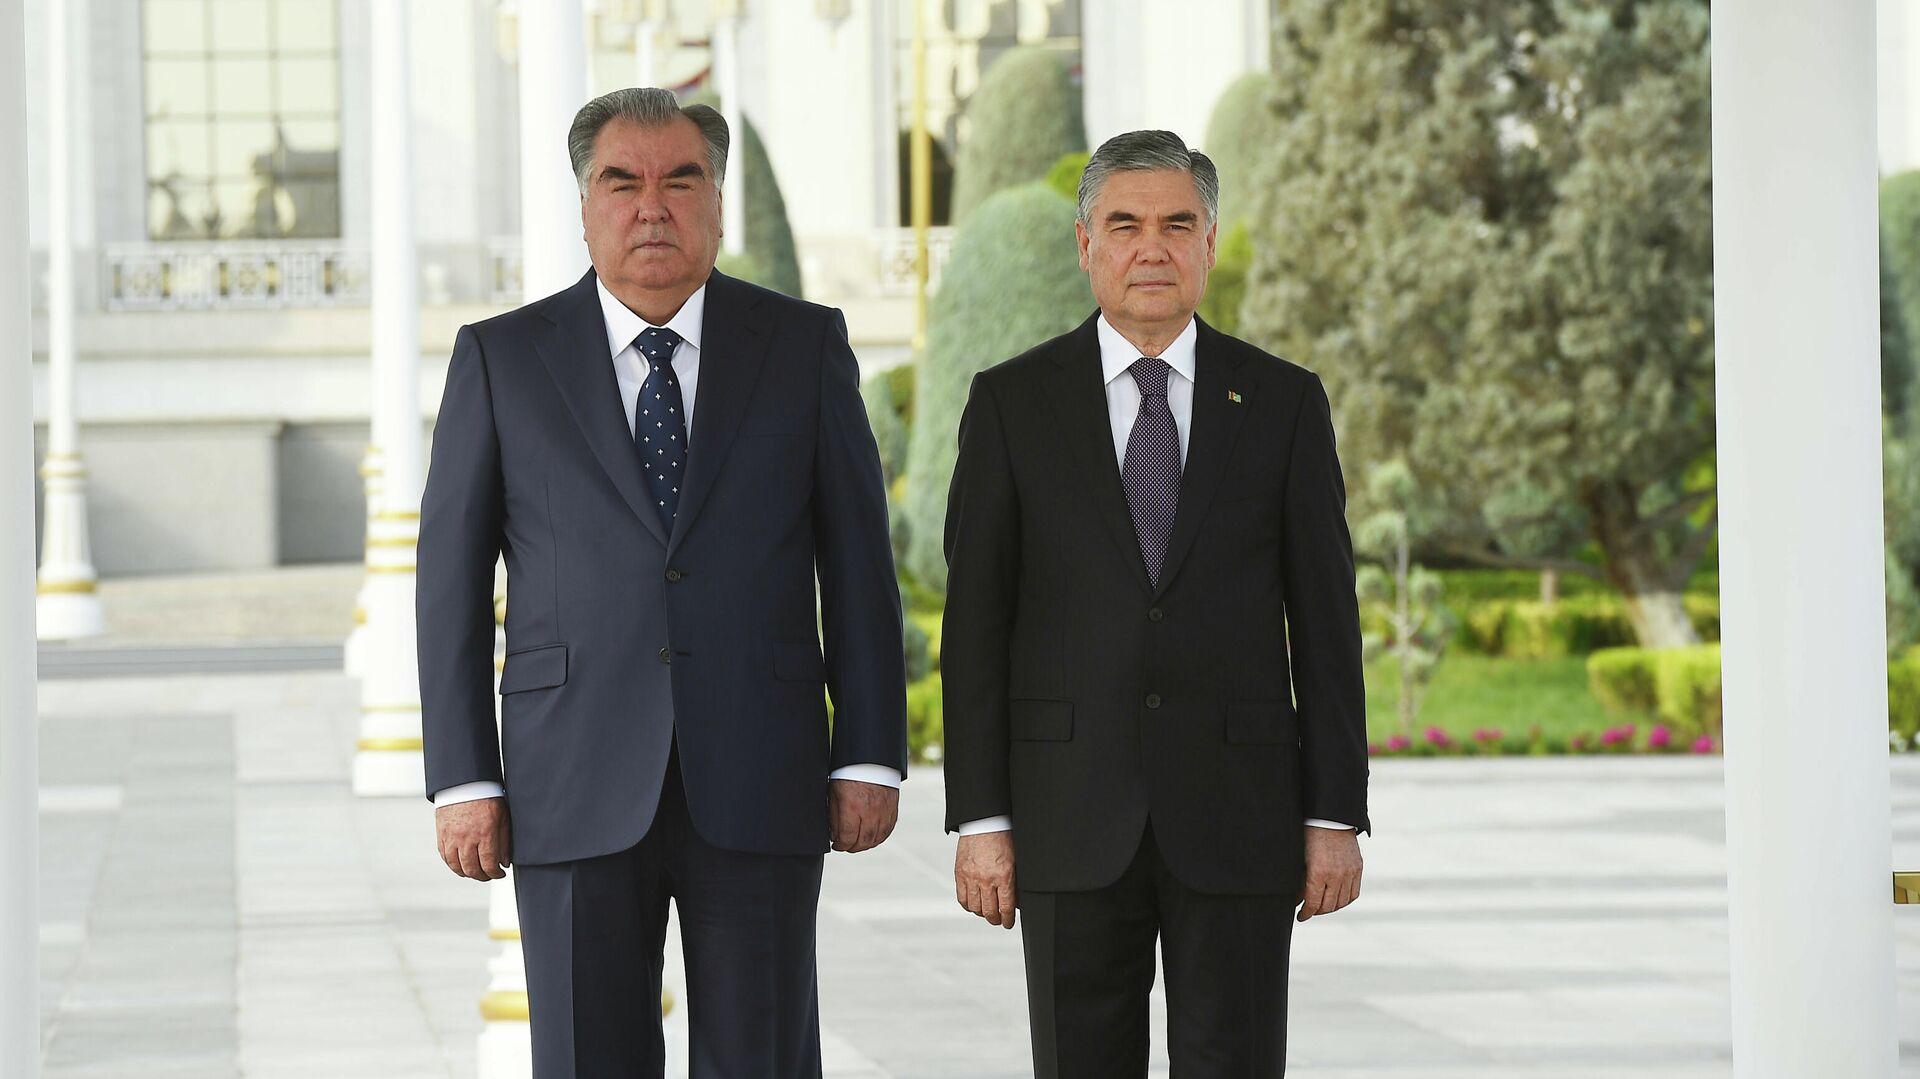 Эмомали Рахмон президент Таджикистана, и Гурбангулы Бердымухамедов президент Туркменистана - Sputnik Таджикистан, 1920, 17.09.2021